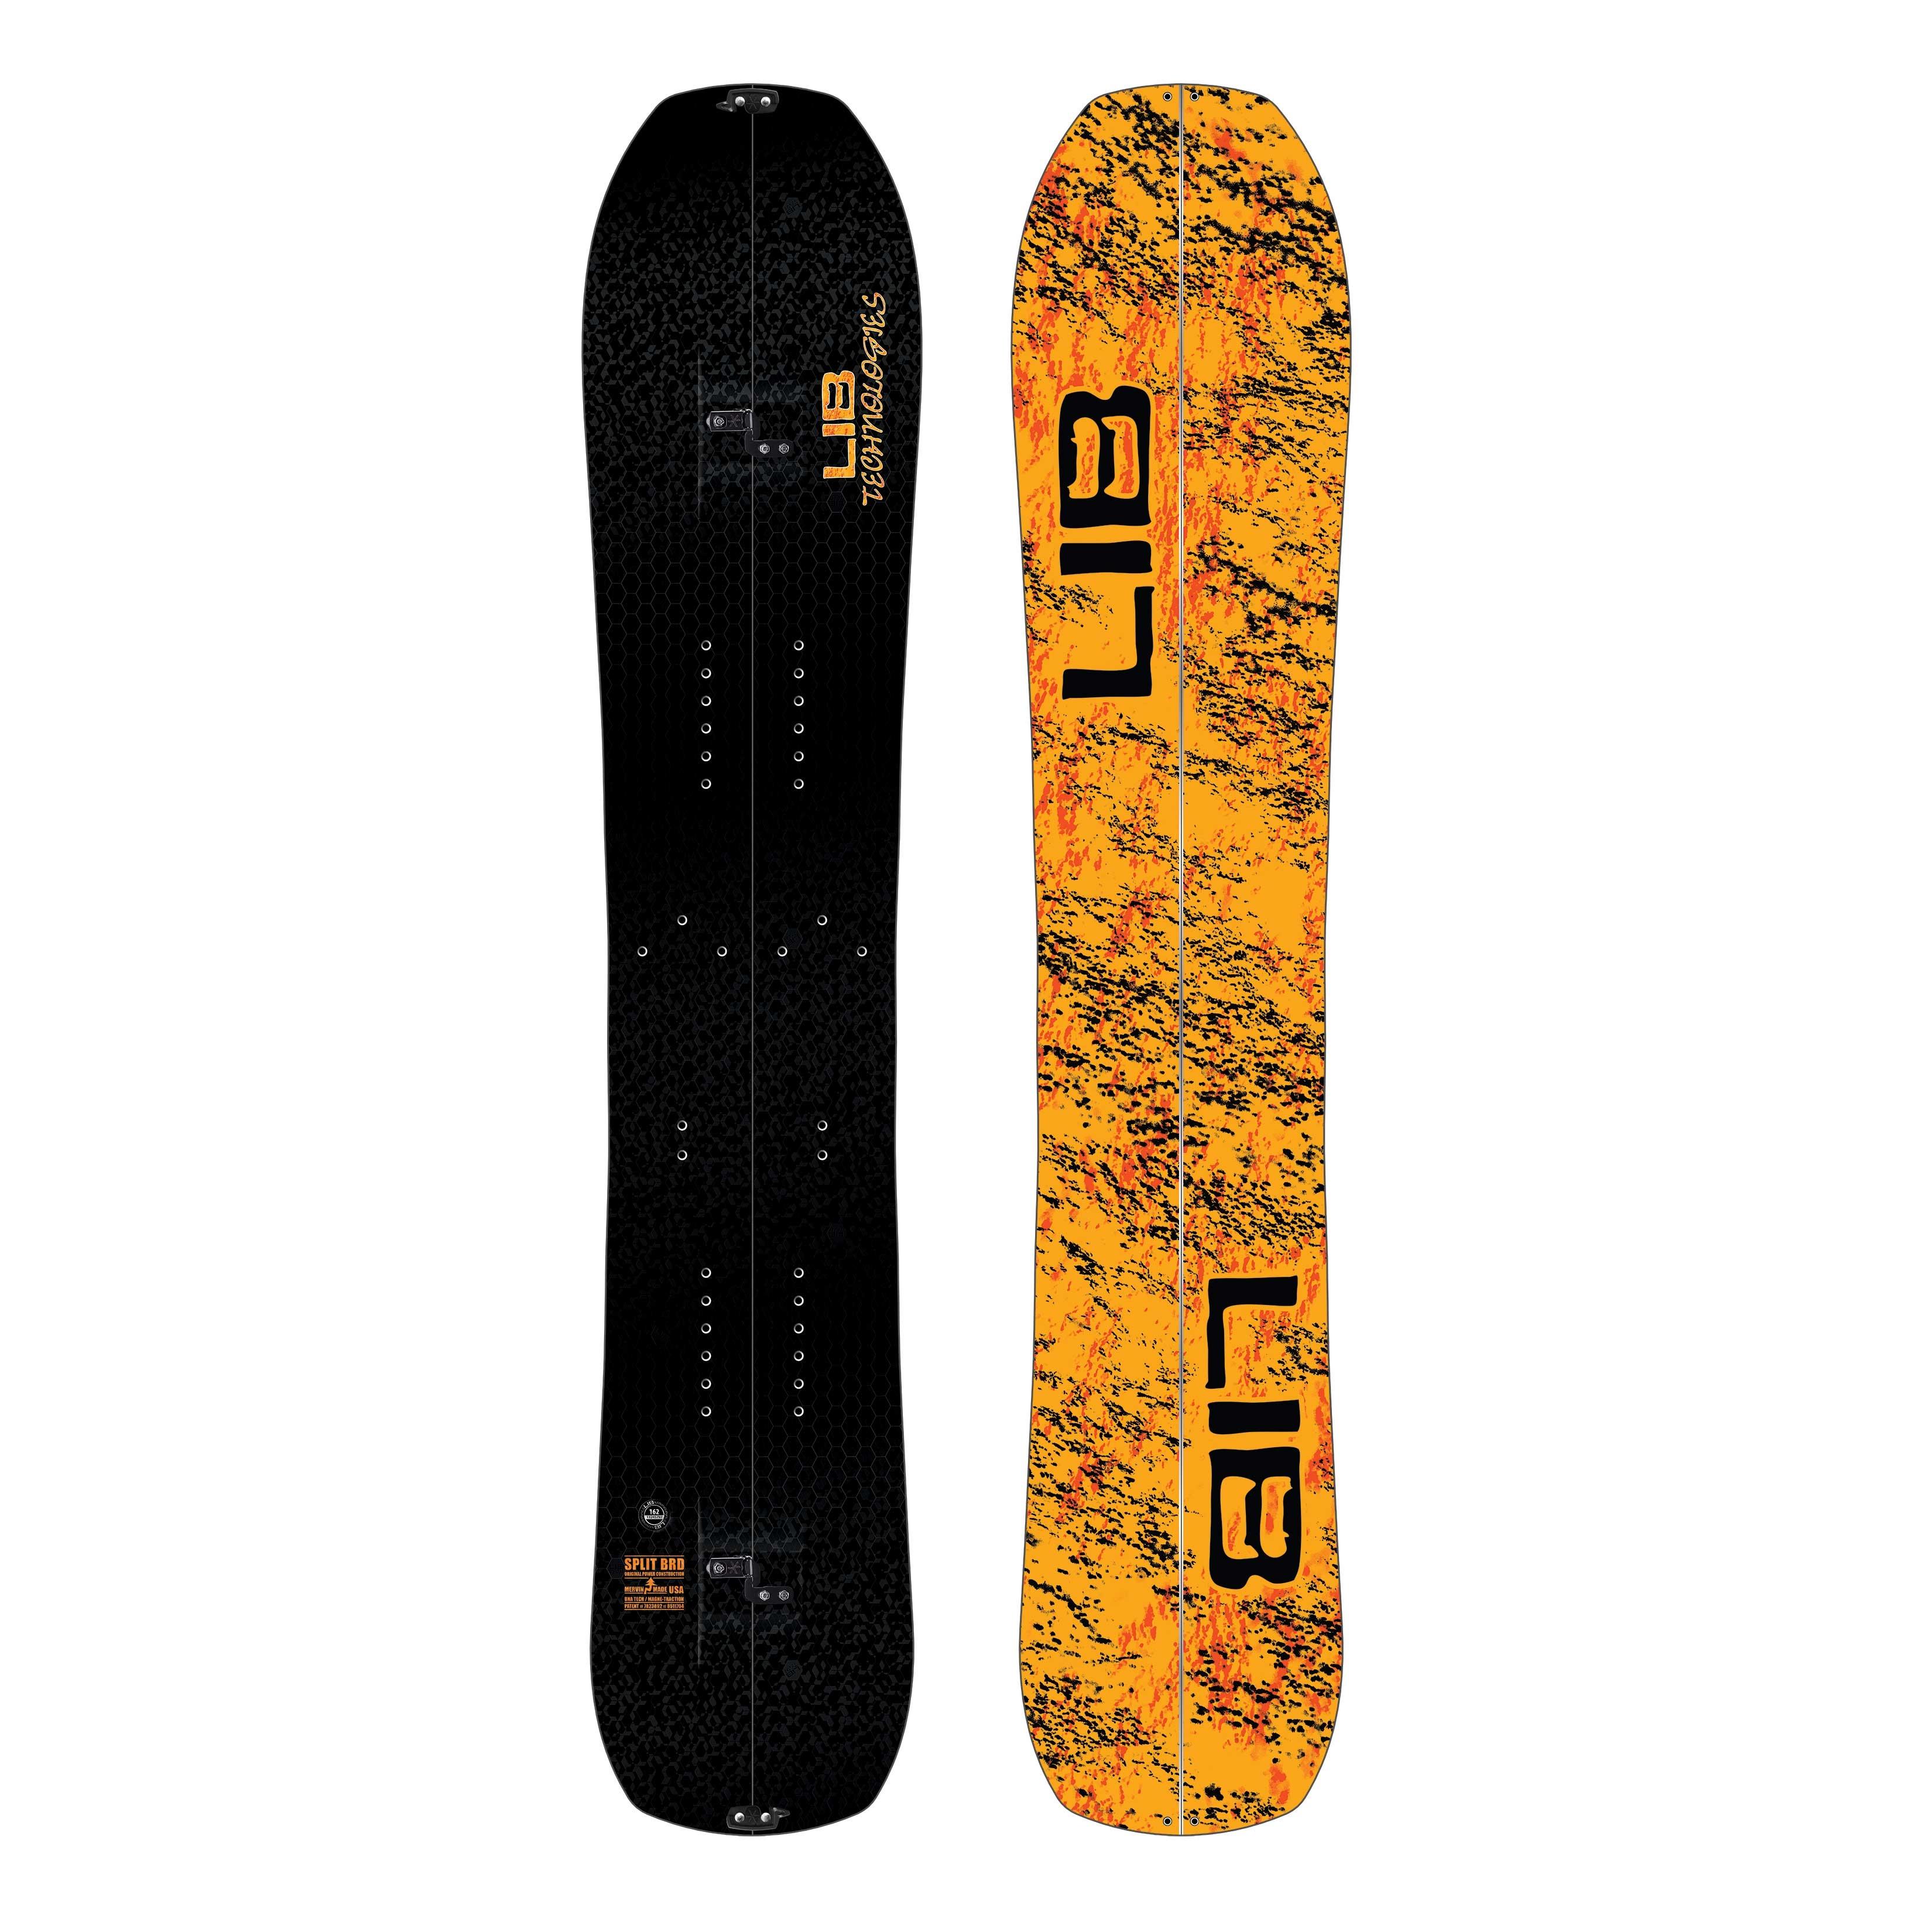 2d057e2461f6 split brd snowboard lib tech 2018 2019 .